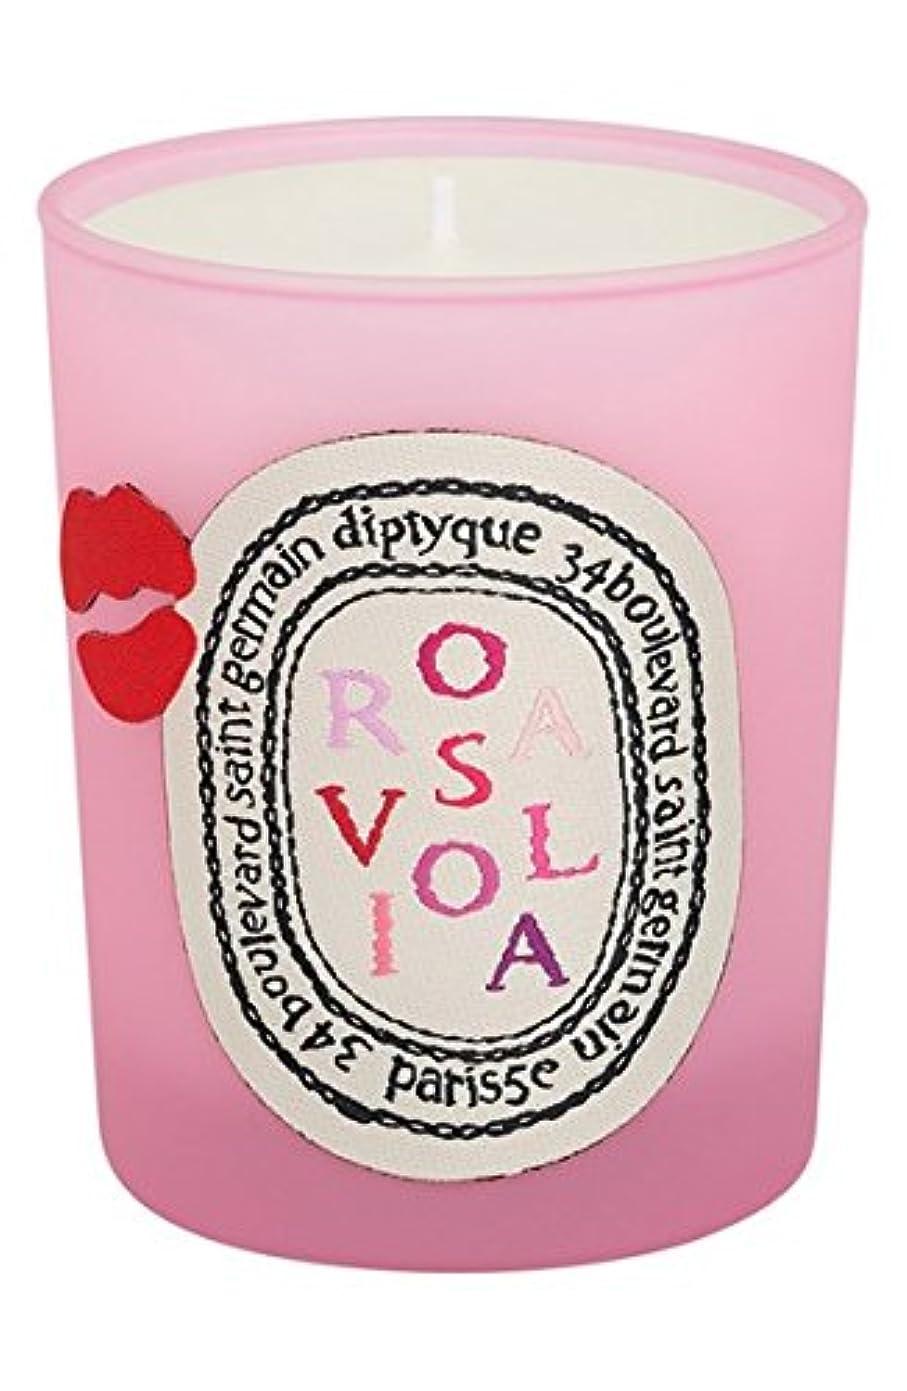 ファンブル金貸しサージDiptyque - Rosaviola (ディプティック ローザビオラ) キャンドル 6.7 oz (200ml) g